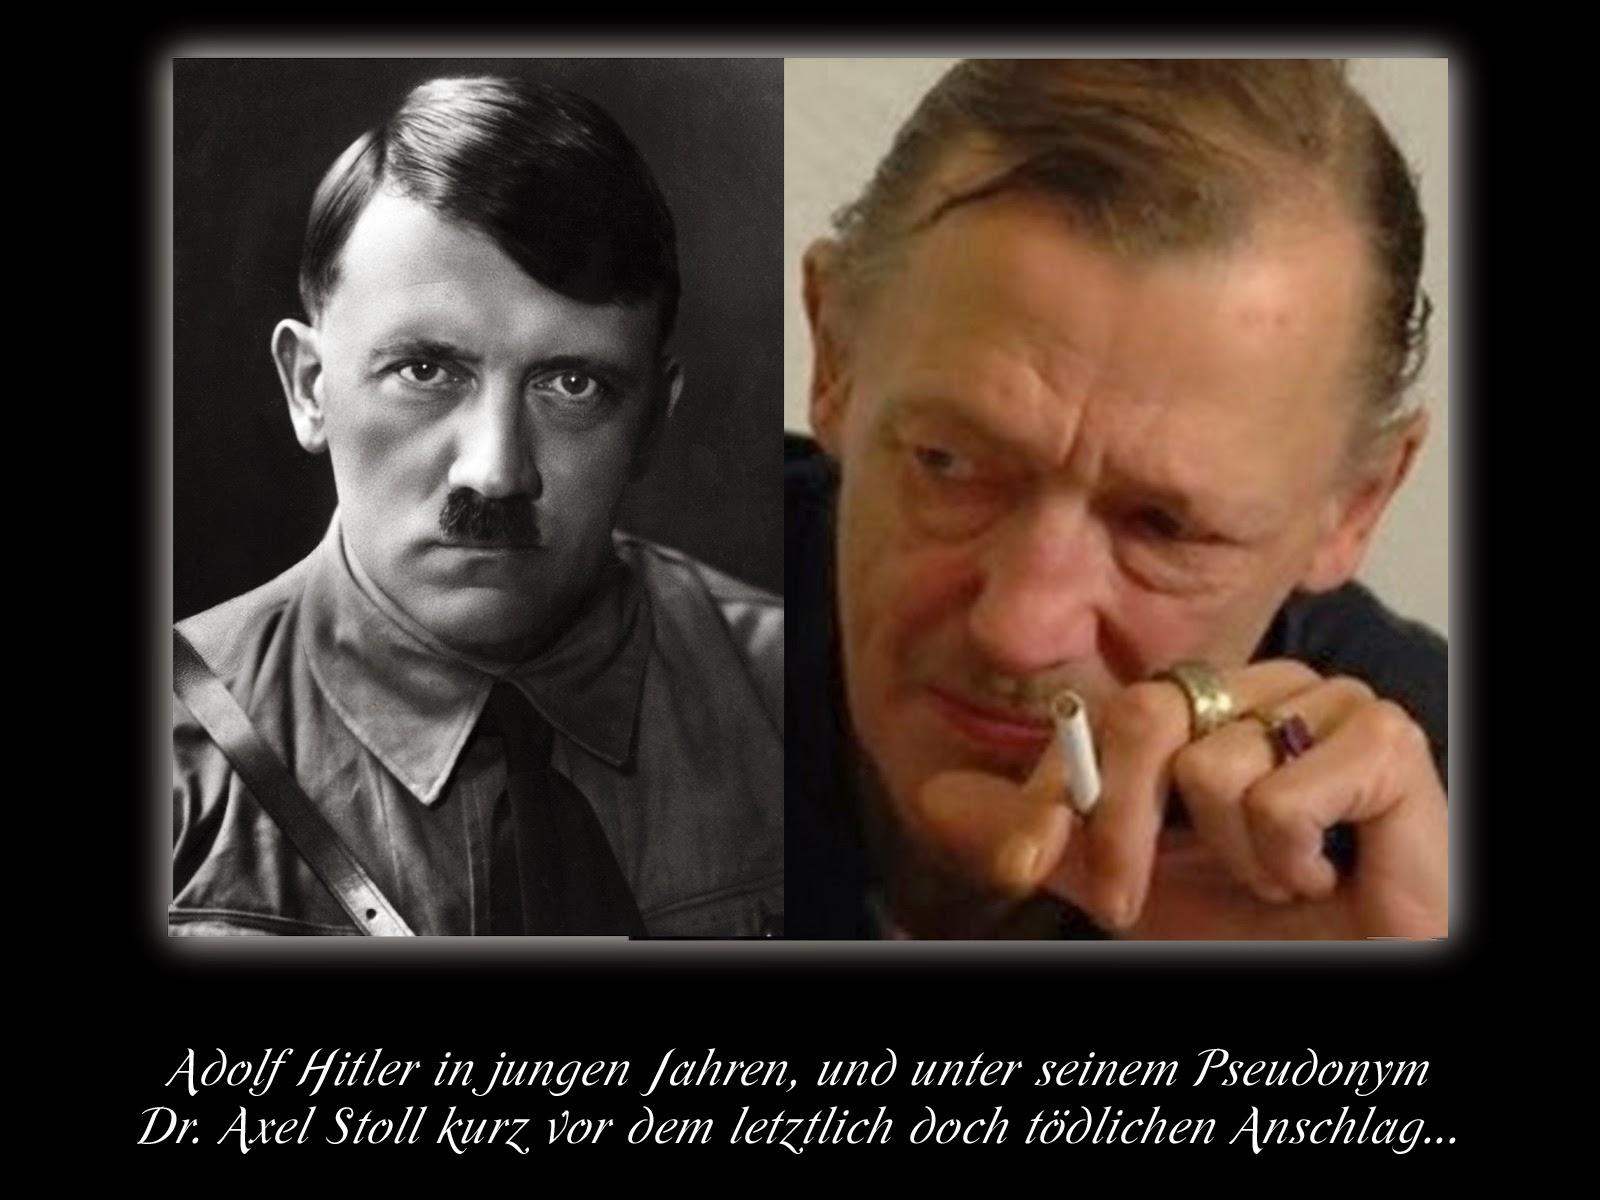 Adolf Hitler Alter Heute